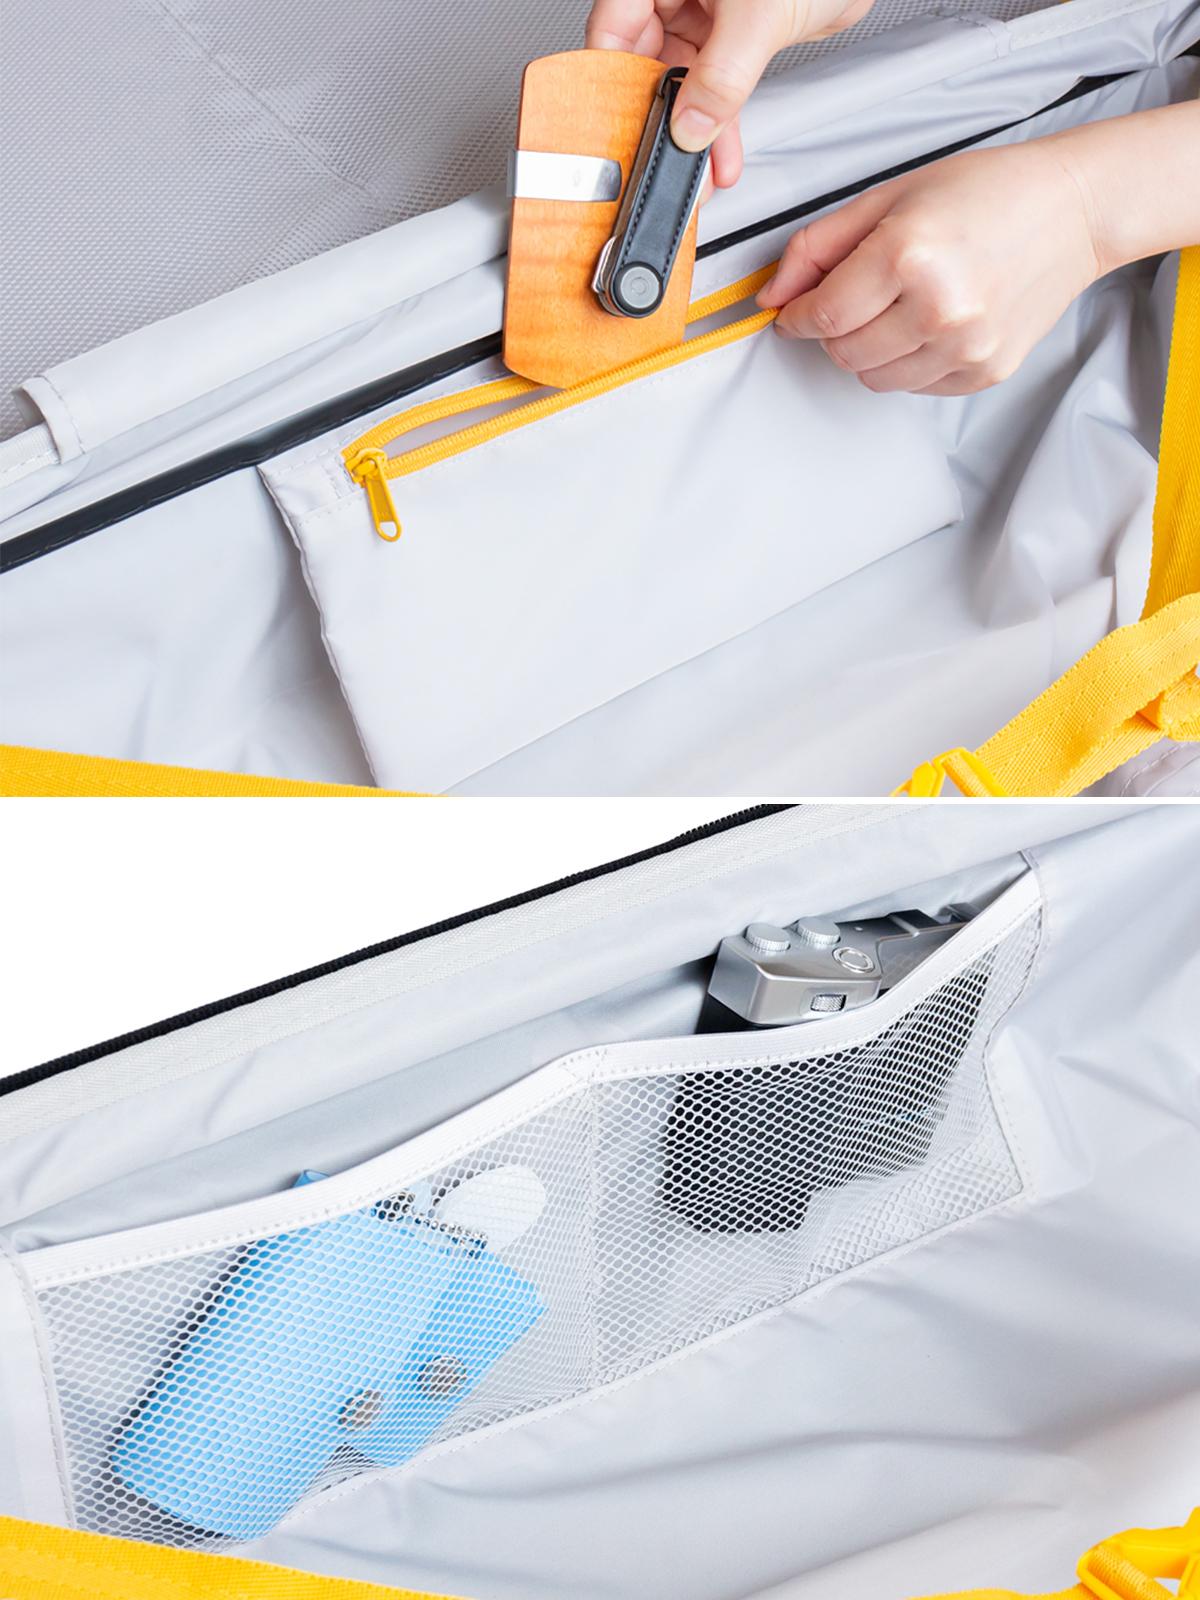 すぐに取り出したい小物入れとして重宝する便利なポケット付き。大小ふたつのサイズを「入れ子収納」できる、機内持ち込み用(37L)&長期旅行用(72L)スーツケースセット| RAWROW | R TRUNK LITE